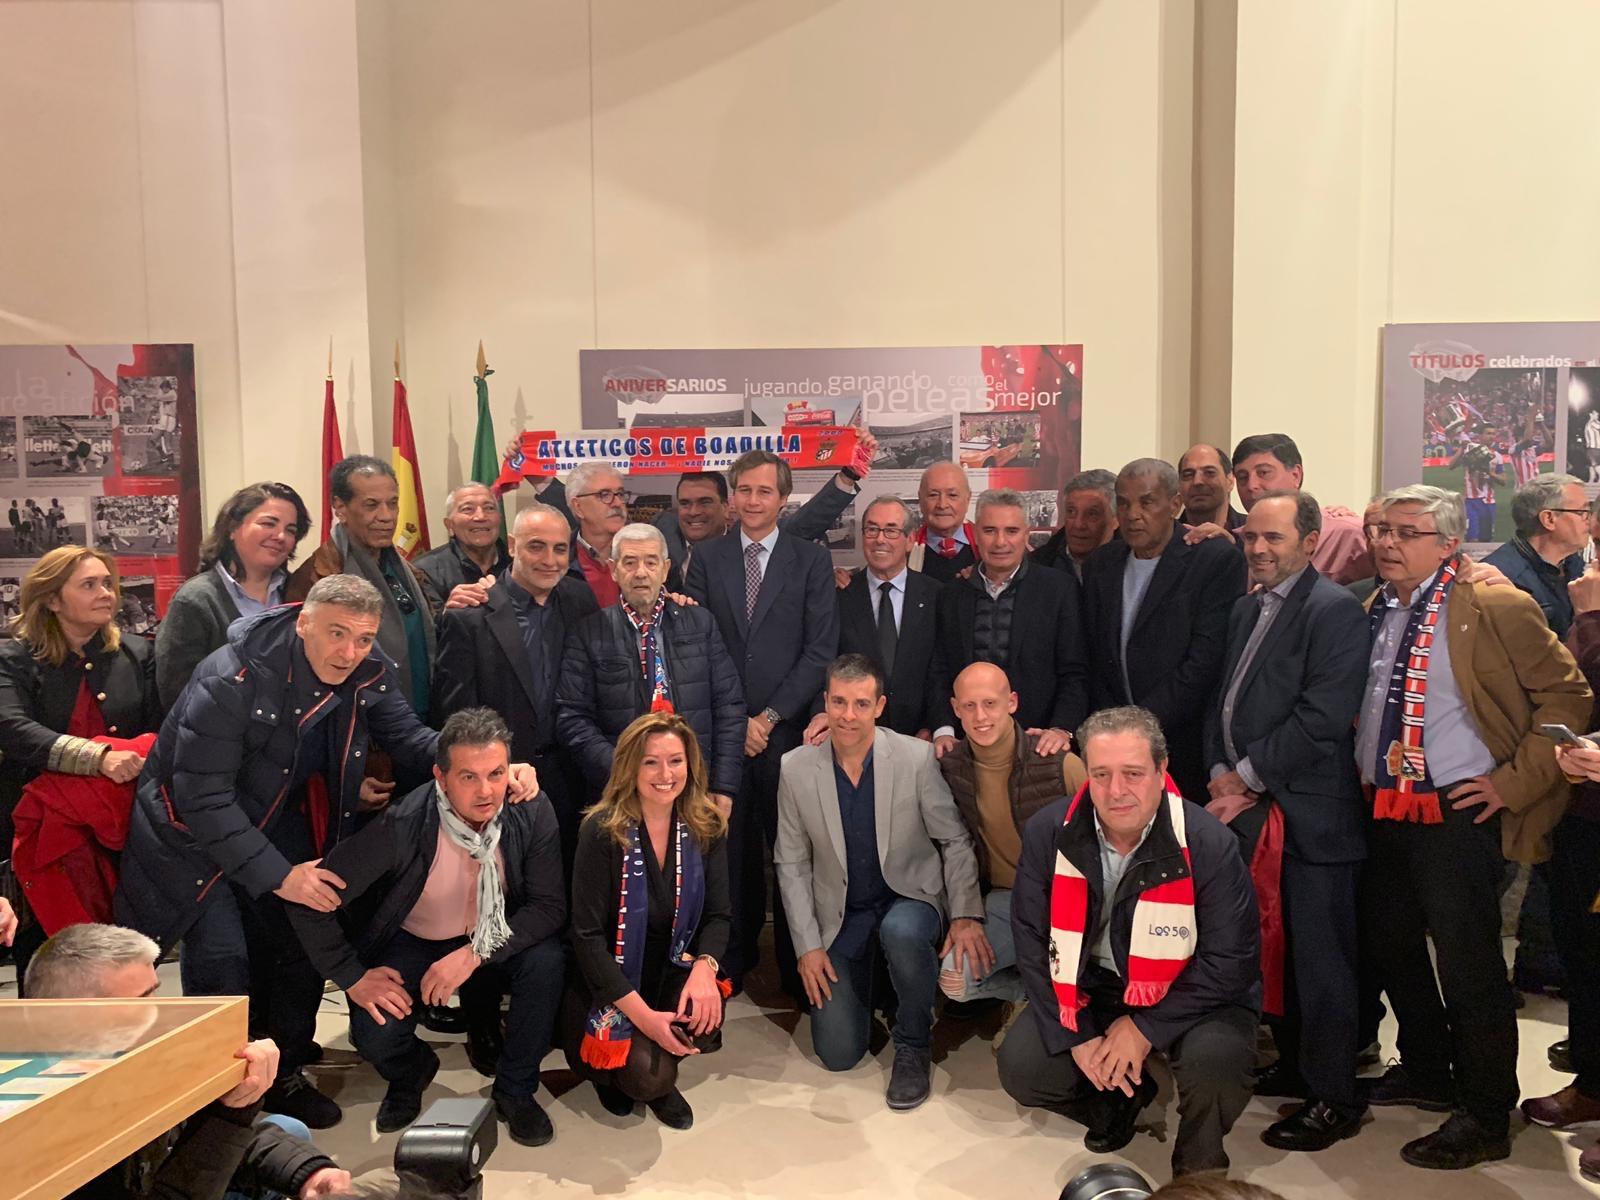 LOS 50 - EXPO 50 CALDERÓN BOADILLA, 14-2-19 (17)